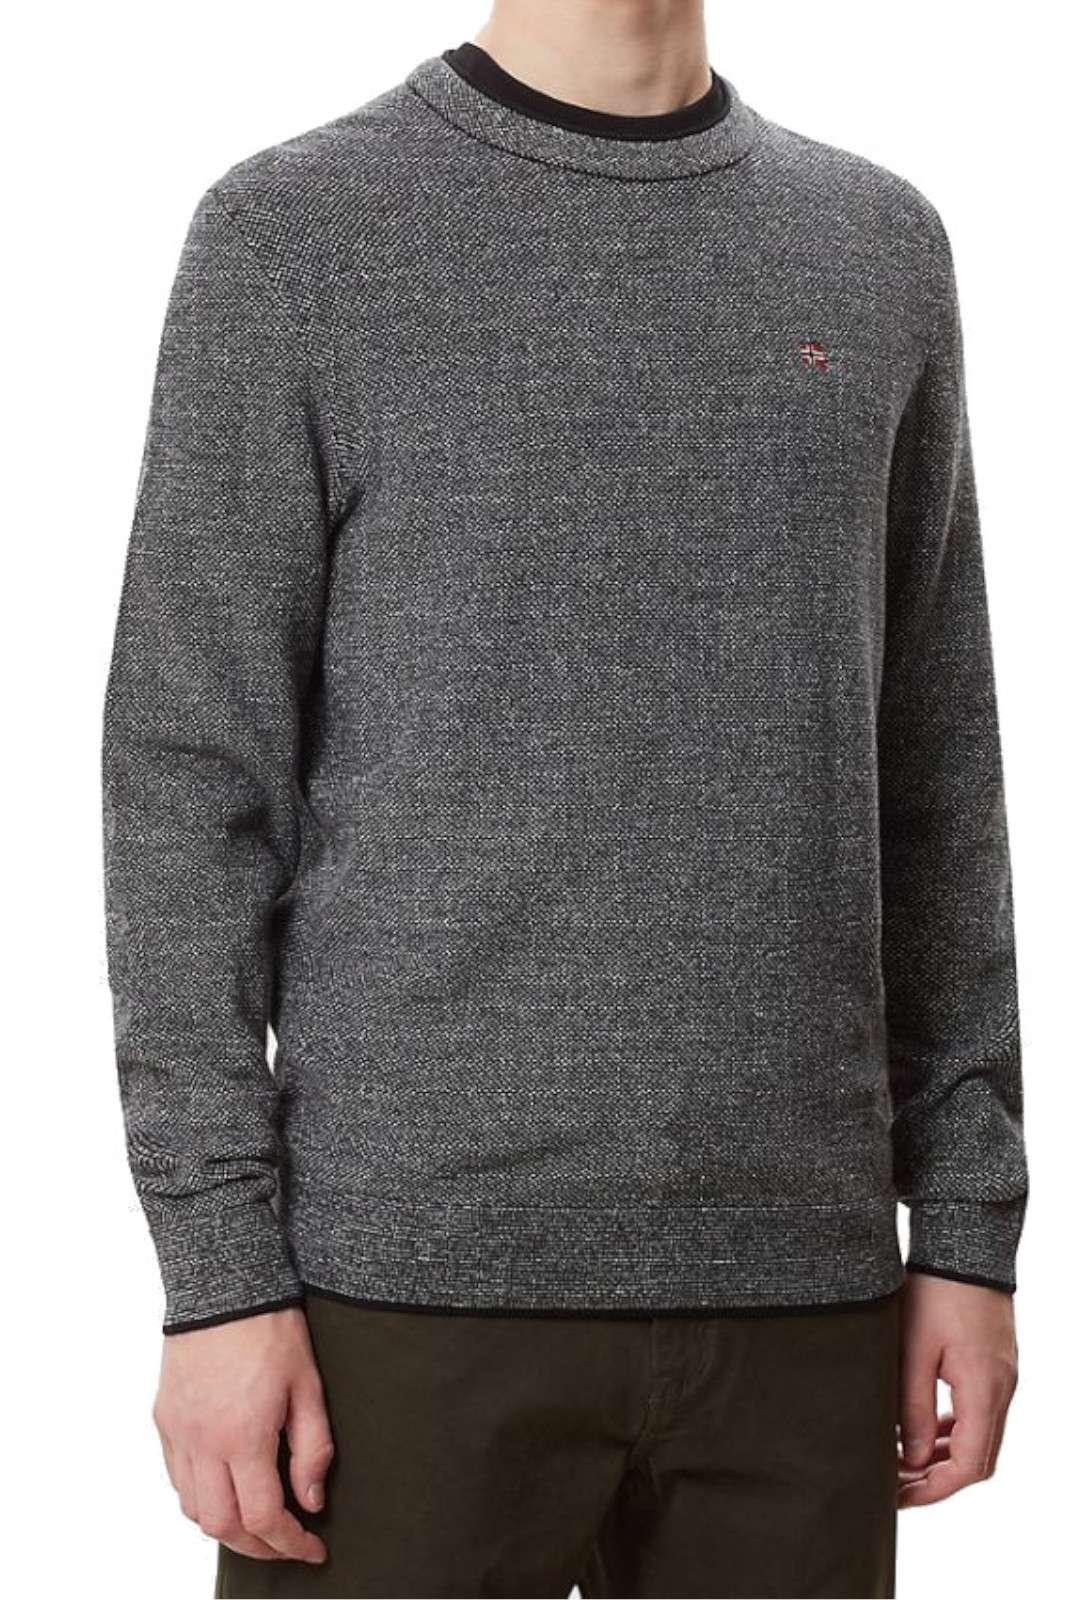 Una maglia girocollo in caldo cotone la Durres firmata Napapijri. Da indossare in ogni occasione si presta sia ai look formali che casual. Da abbinare ad un jeans o ad un pantalone riserva ai propri outfit un gusto inconfondibile.